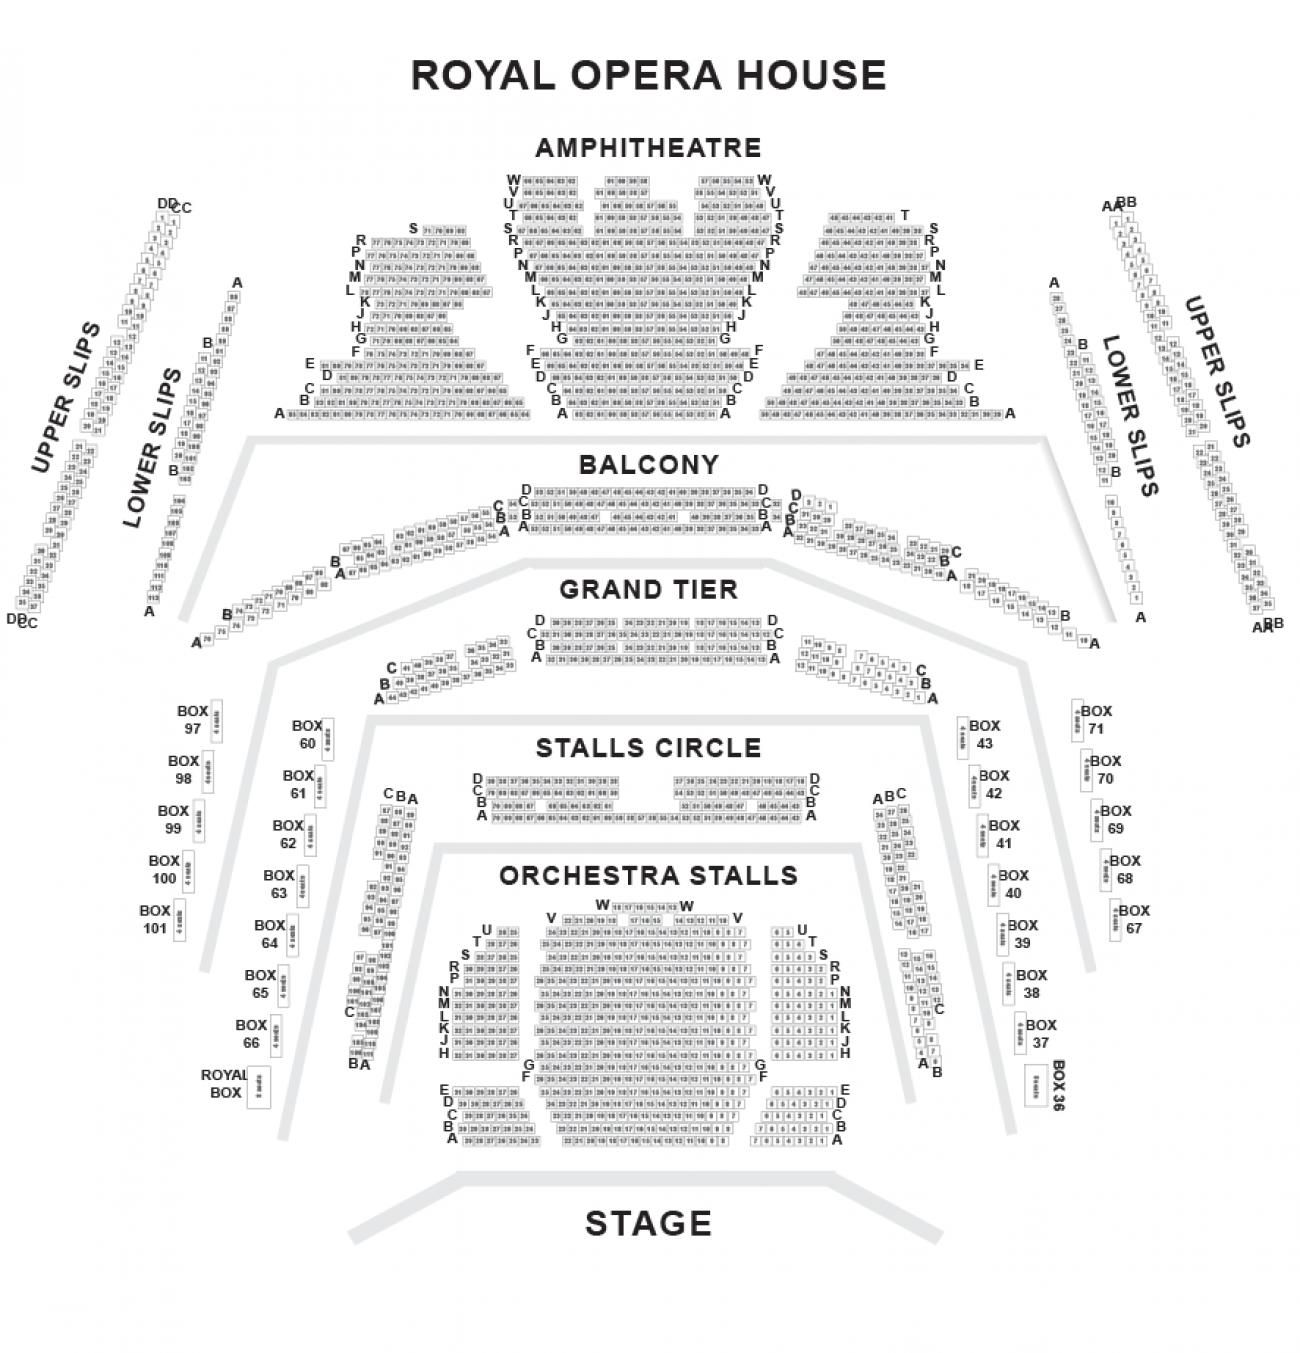 Royal Opera House - Plan de Salle